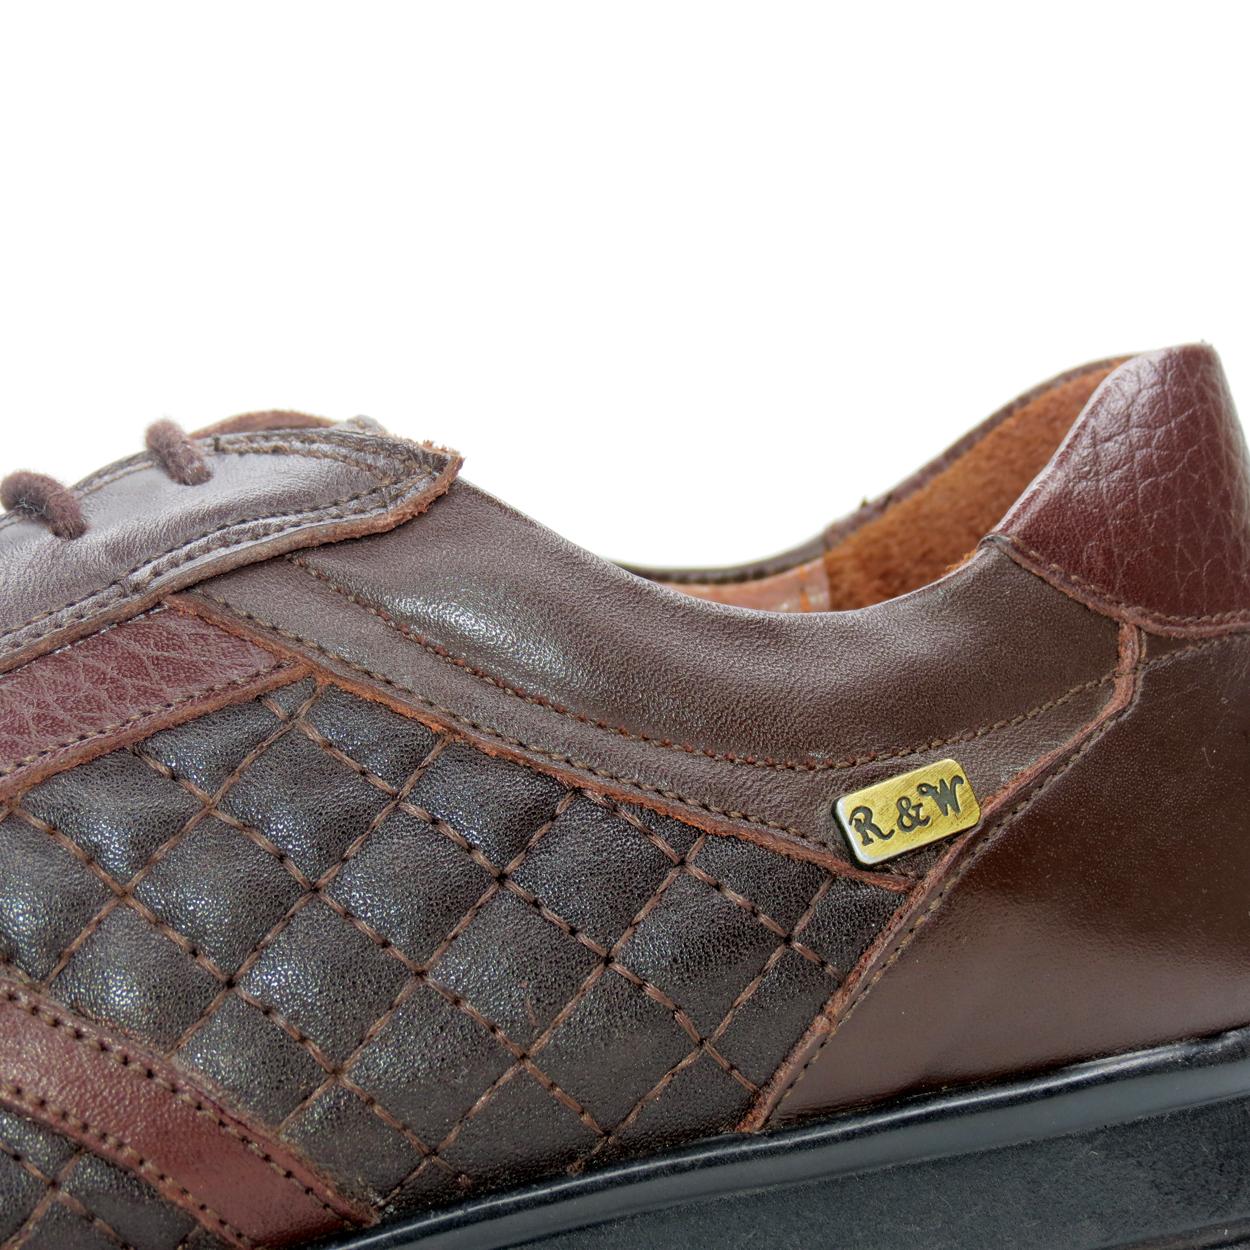 کفش روزمره زنانه آر اند دبلیو مدل 761 رنگ قهوه ای -  - 10